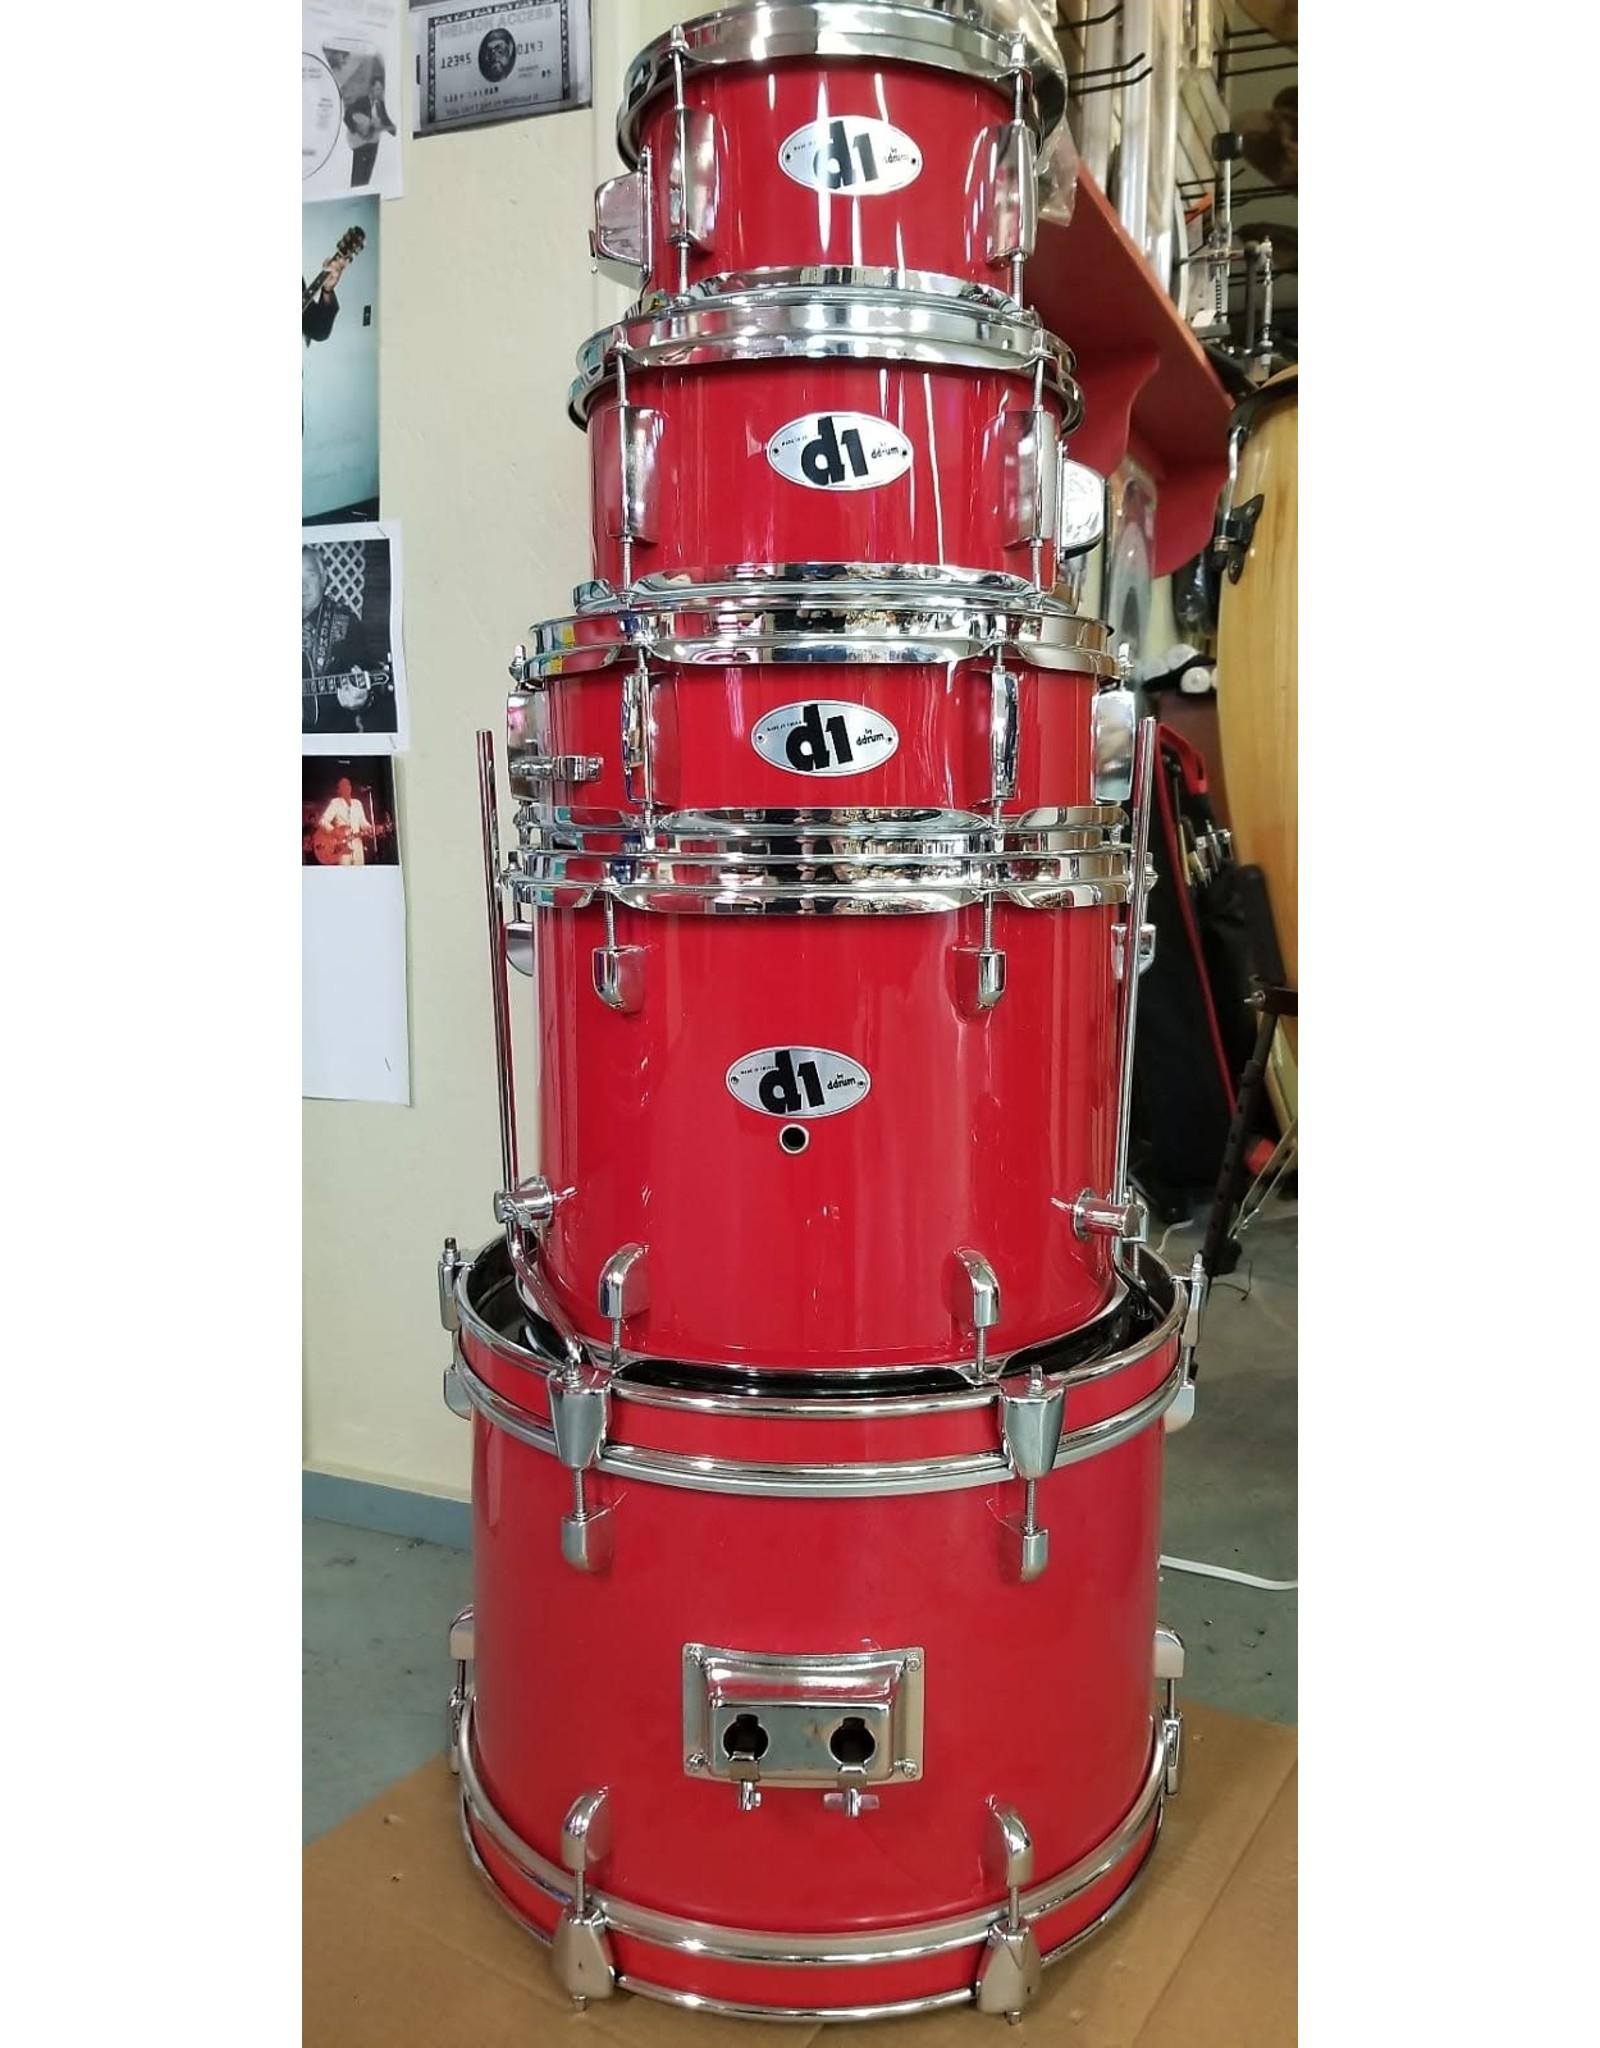 ddrum DDRUM D1 Jr. Drum Set  (Red)